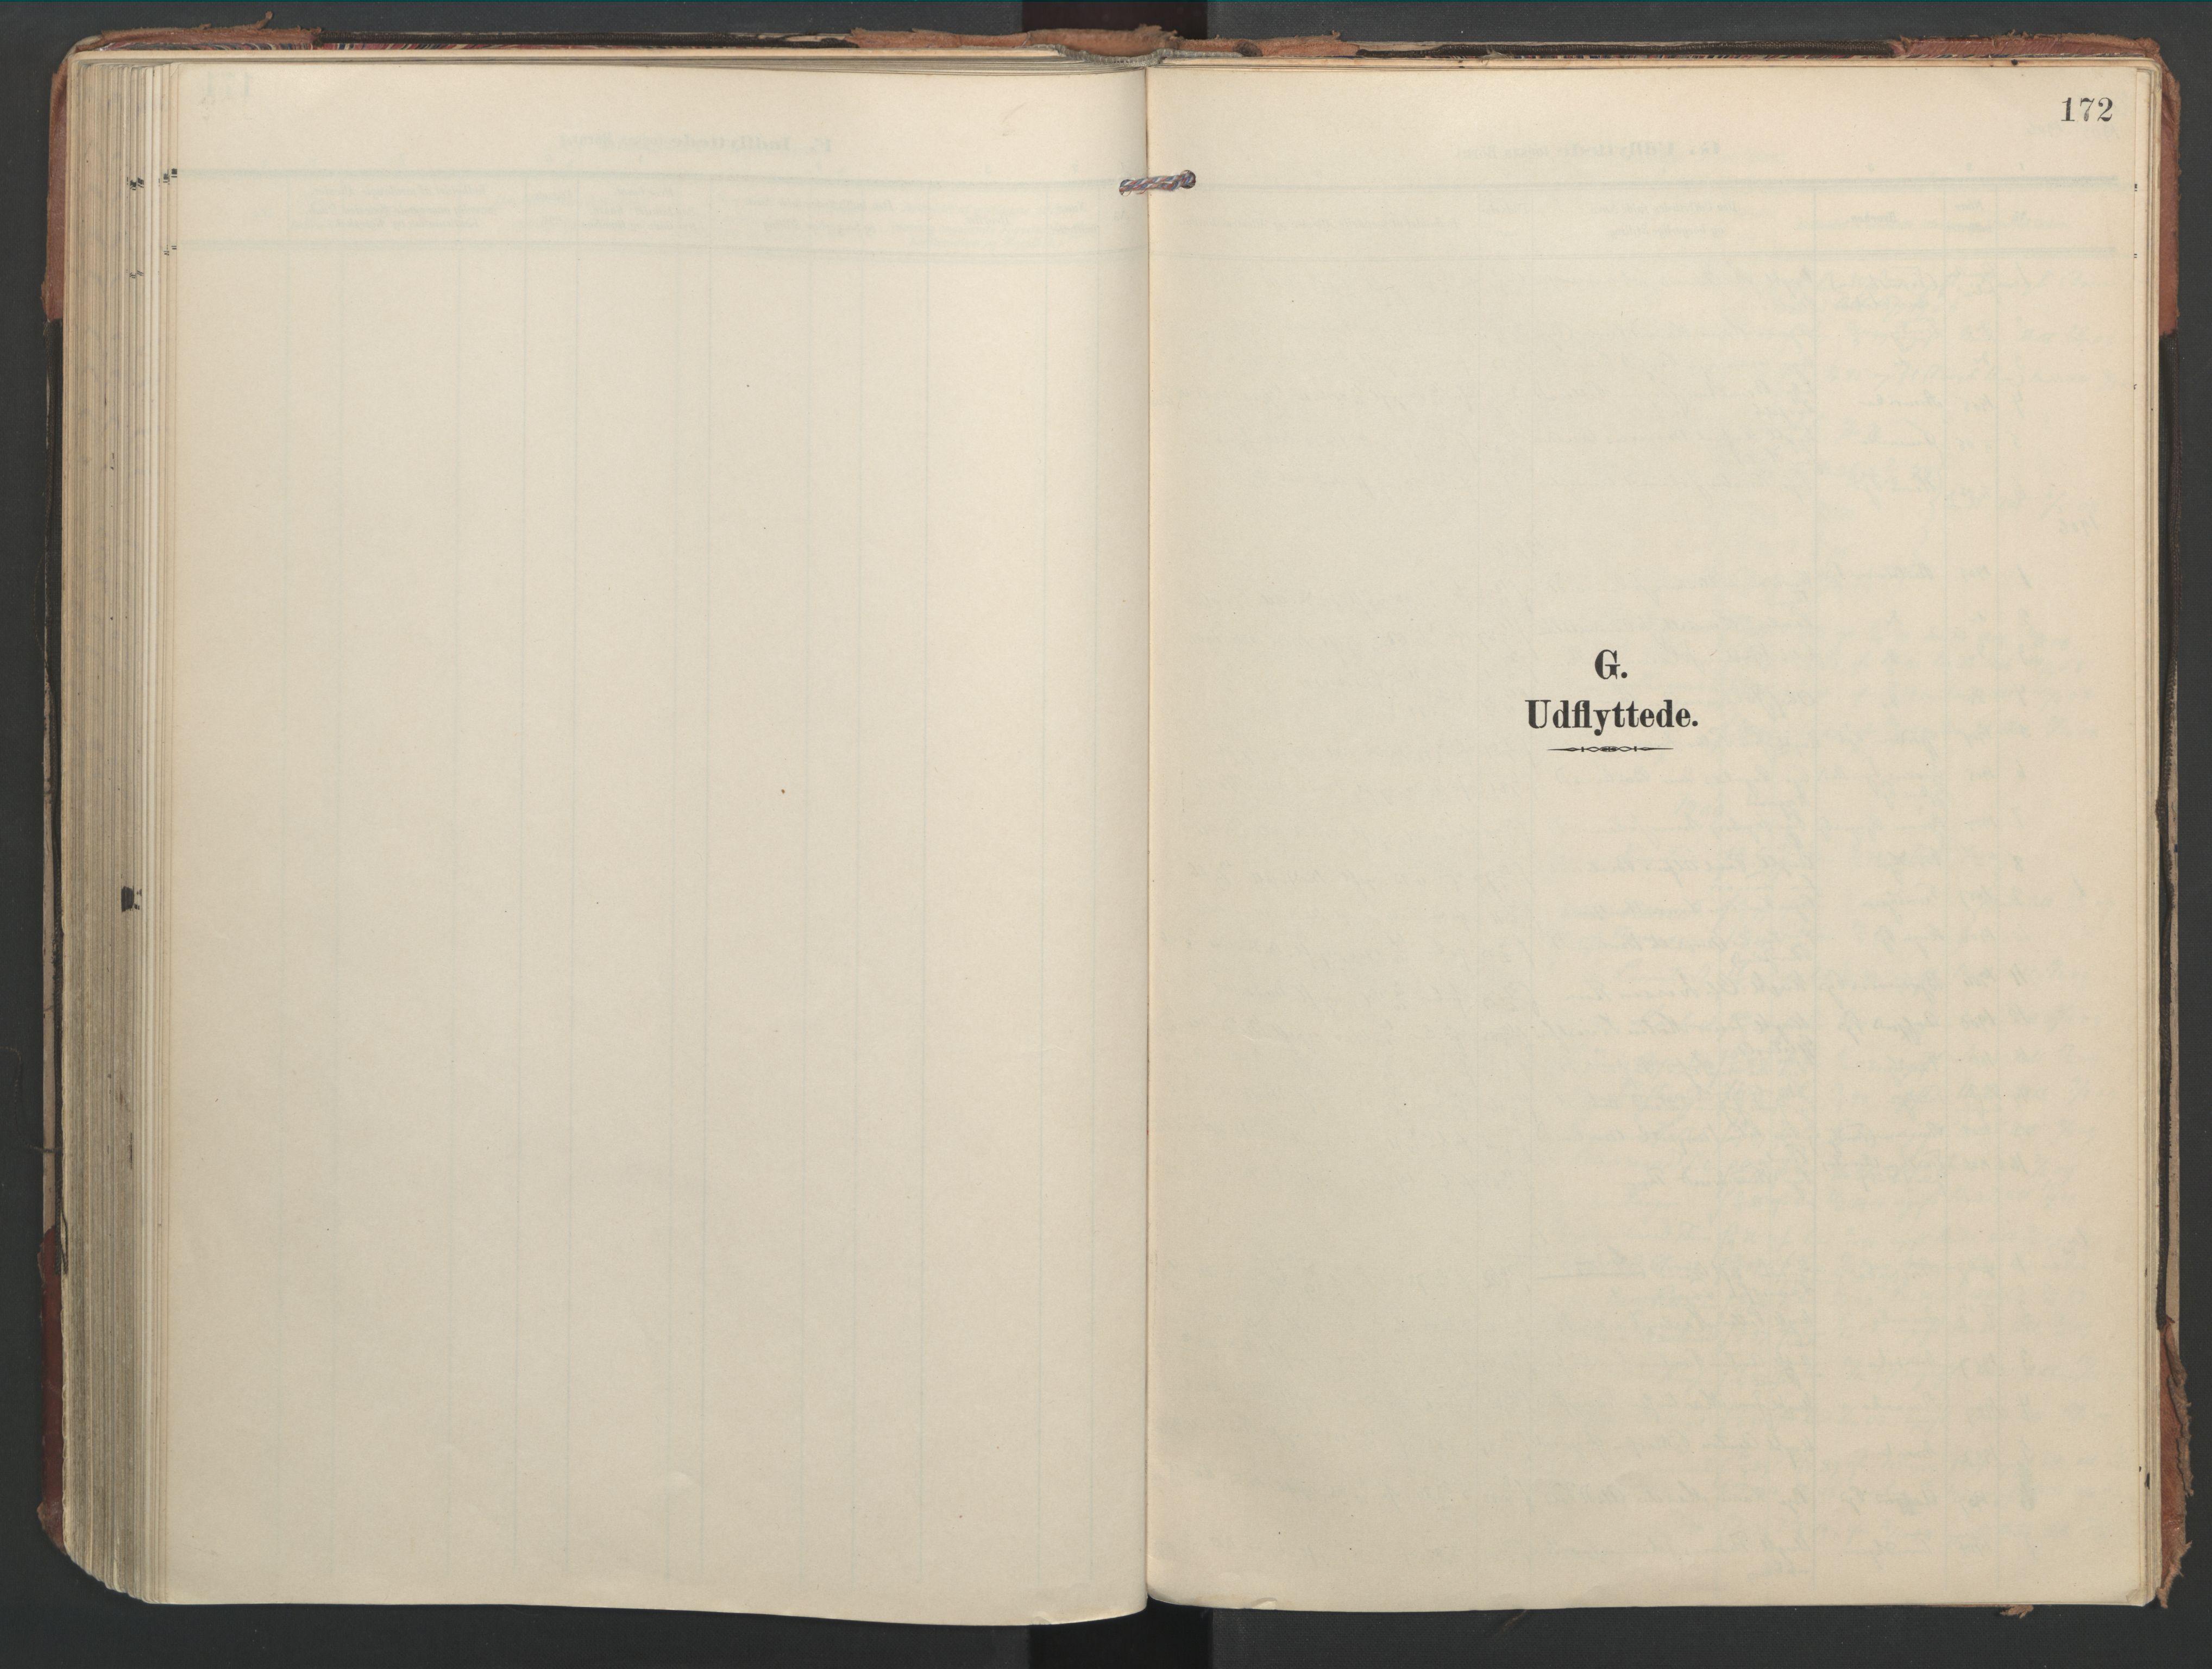 SAT, Ministerialprotokoller, klokkerbøker og fødselsregistre - Nord-Trøndelag, 744/L0421: Ministerialbok nr. 744A05, 1905-1930, s. 172